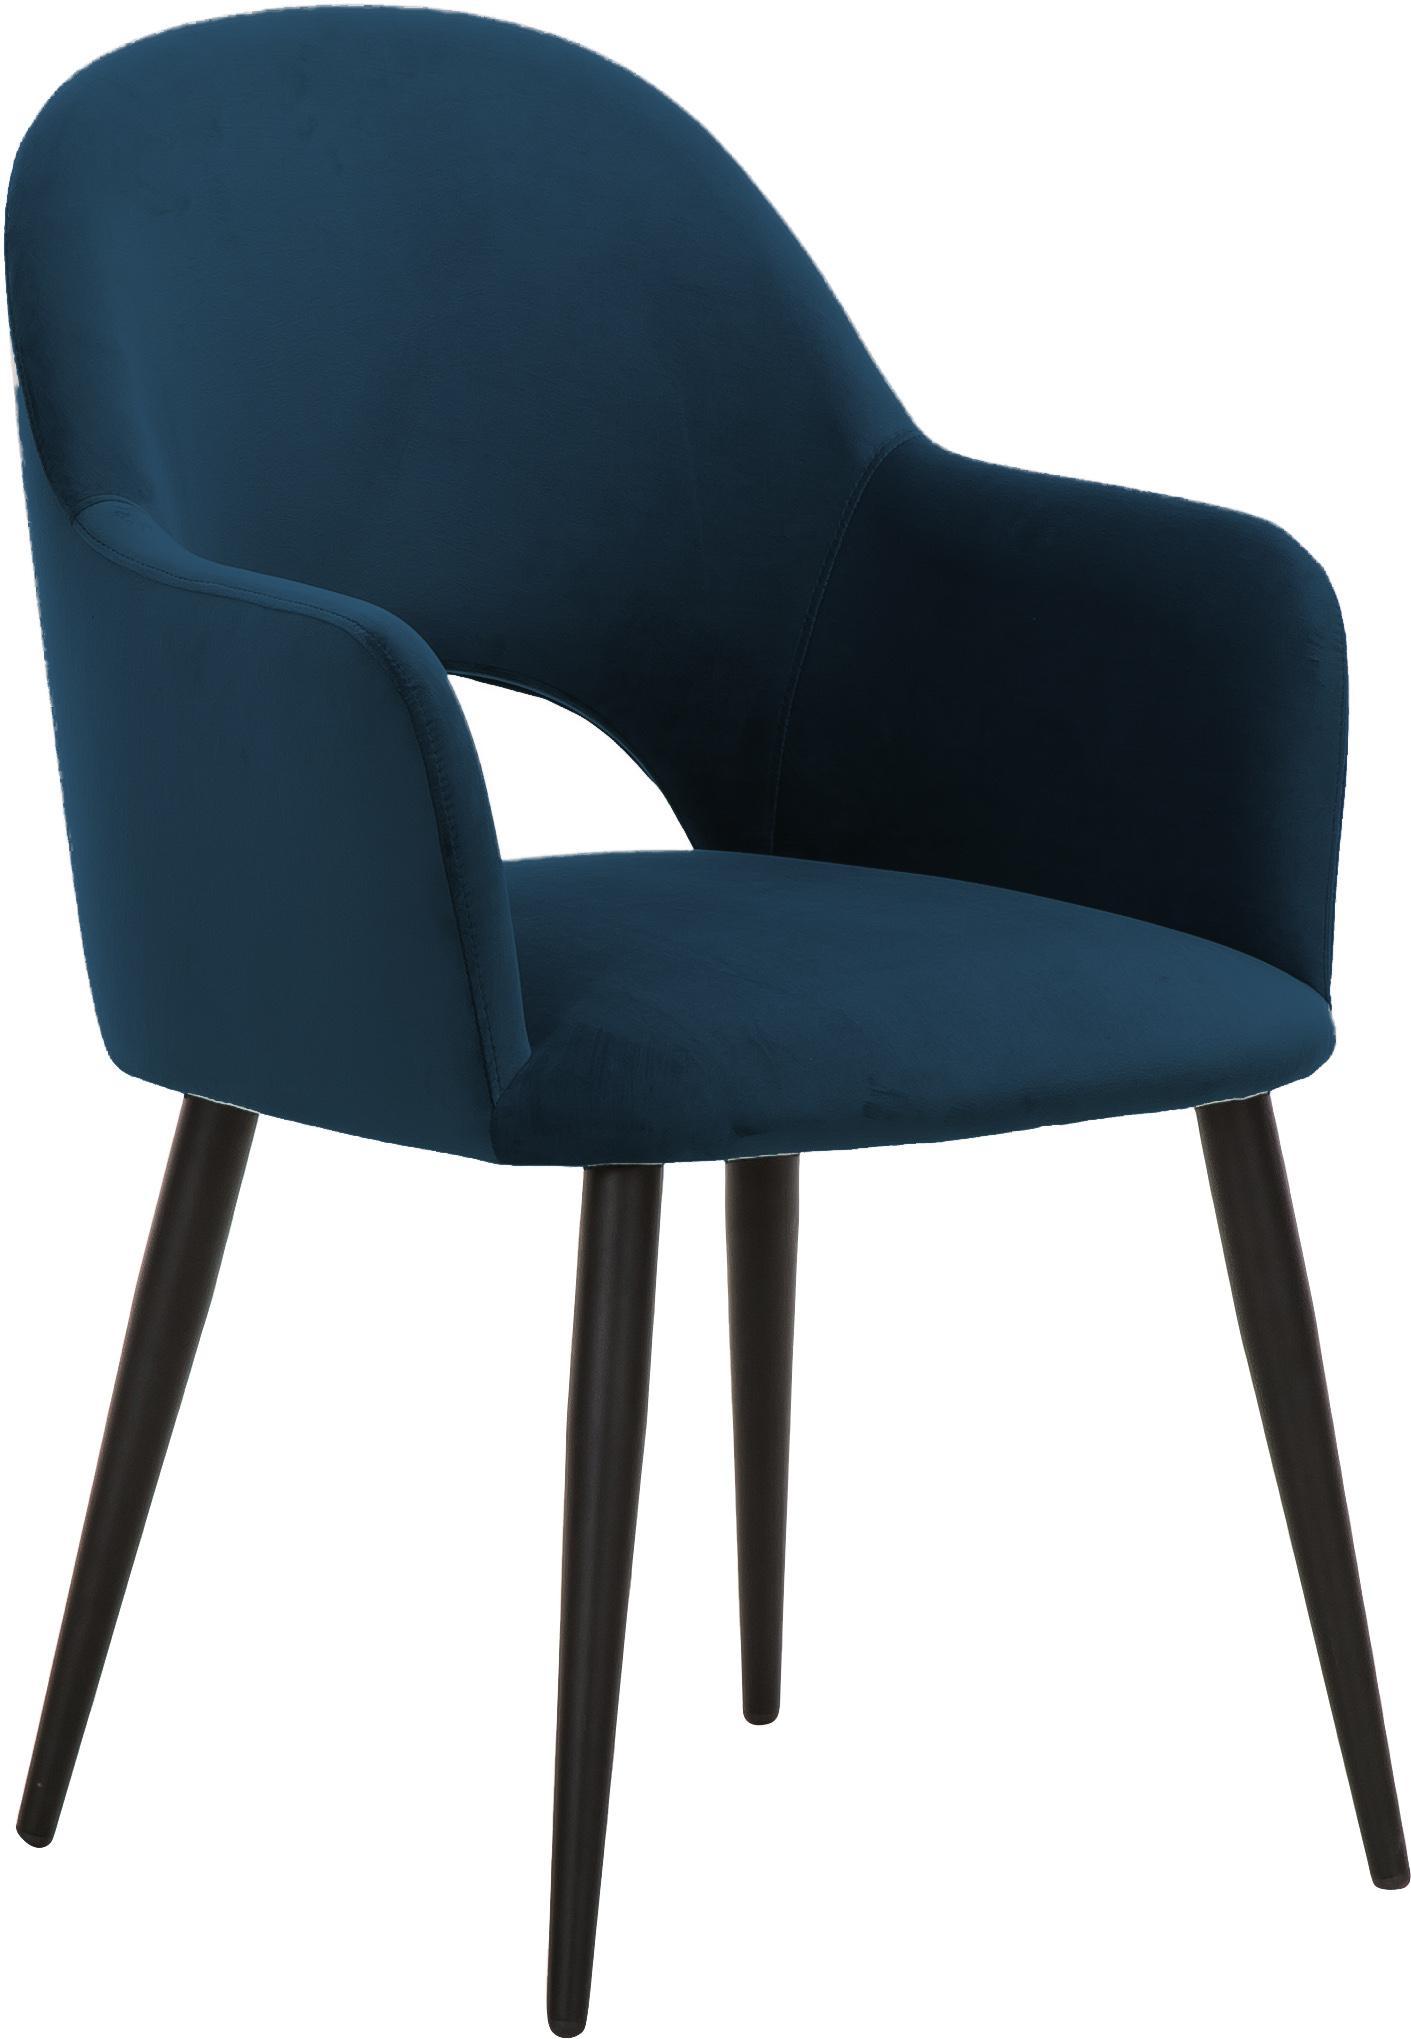 Krzesło z podłokietnikami z aksamitu Rachel, Tapicerka: aksamit (poliester) 5000, Nogi: metal malowany proszkowo, Aksamitny ciemny niebieski, S 47 x G 64 cm